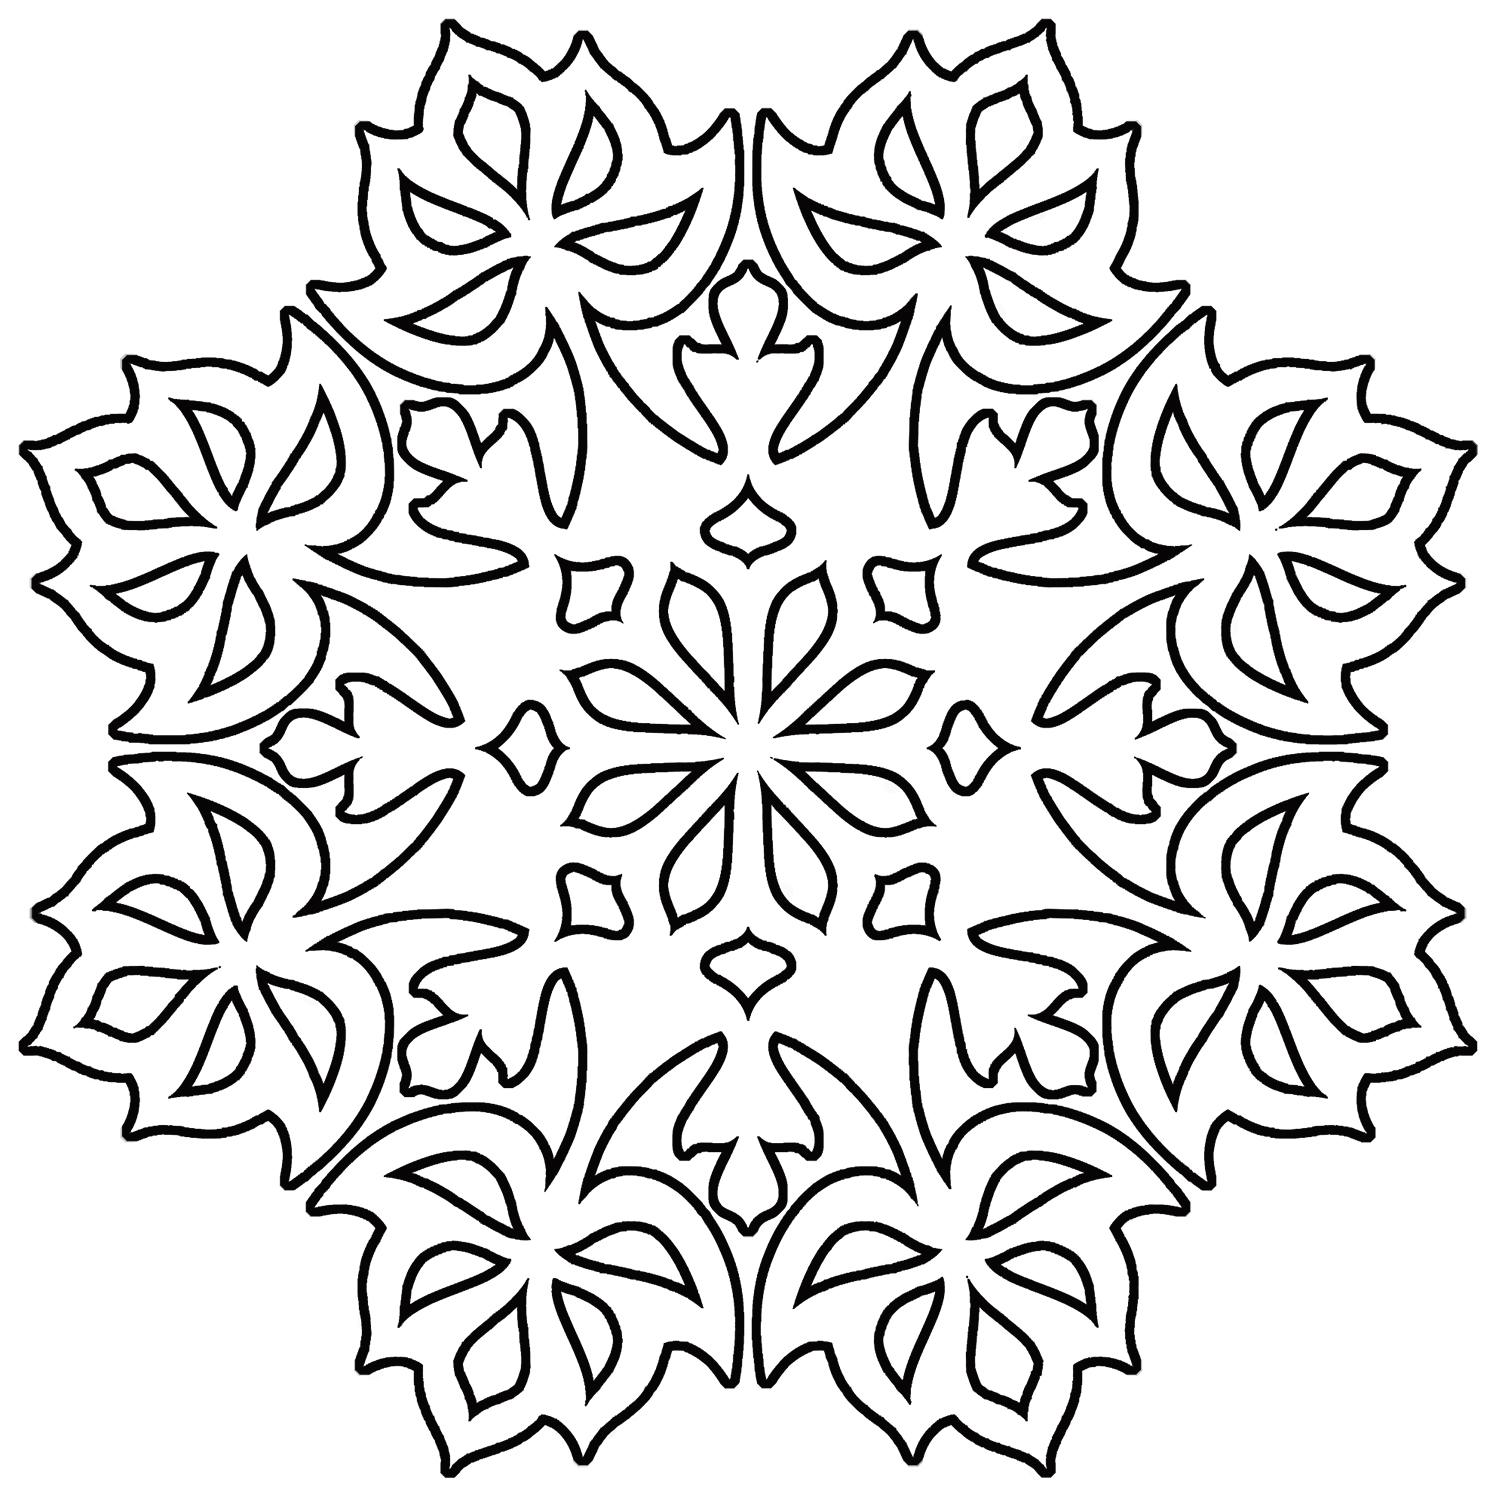 Christmas coloring page like mandala